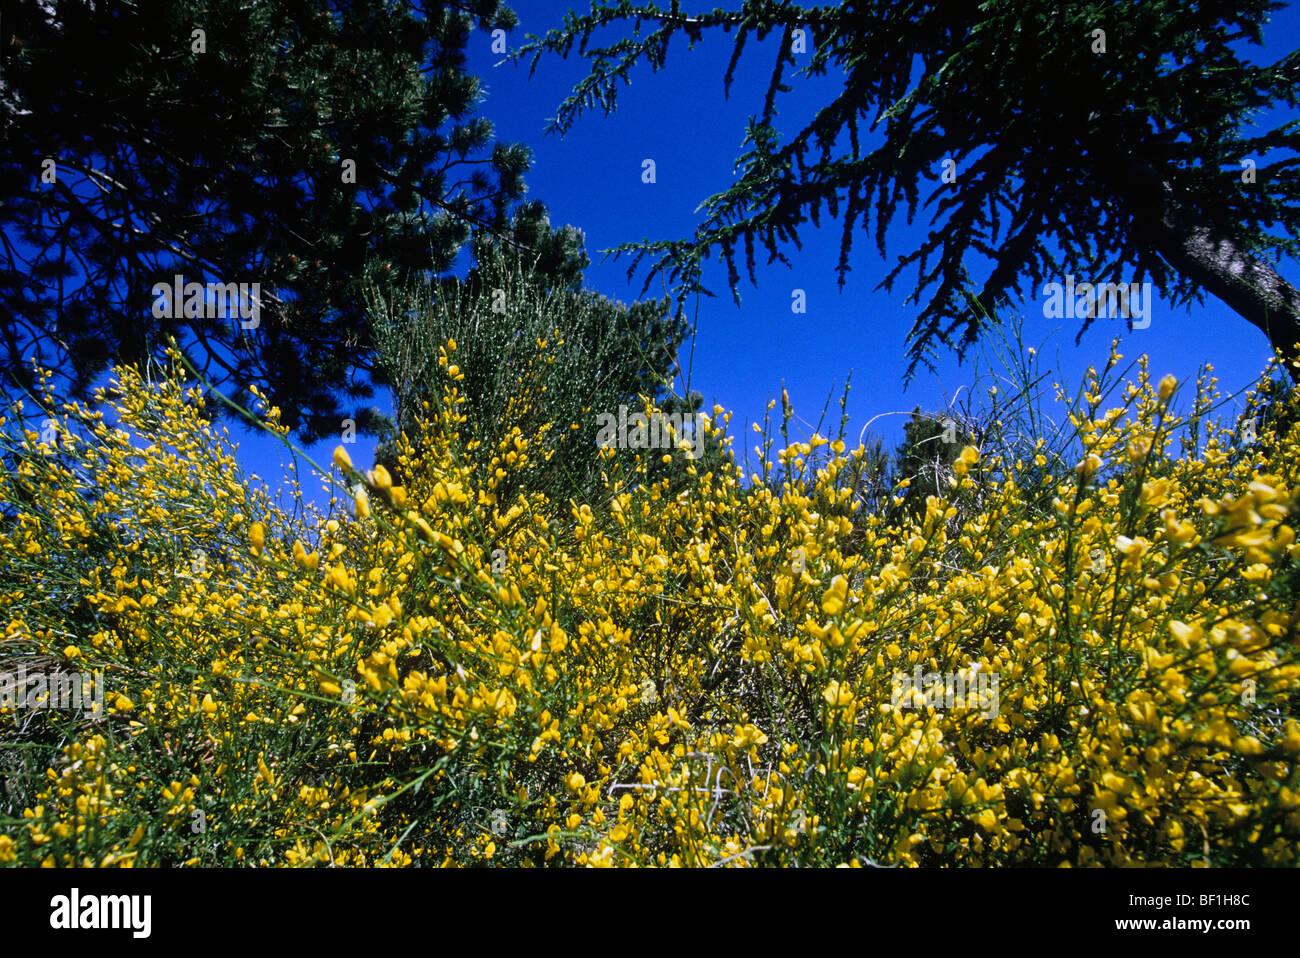 Genista plant - Stock Image